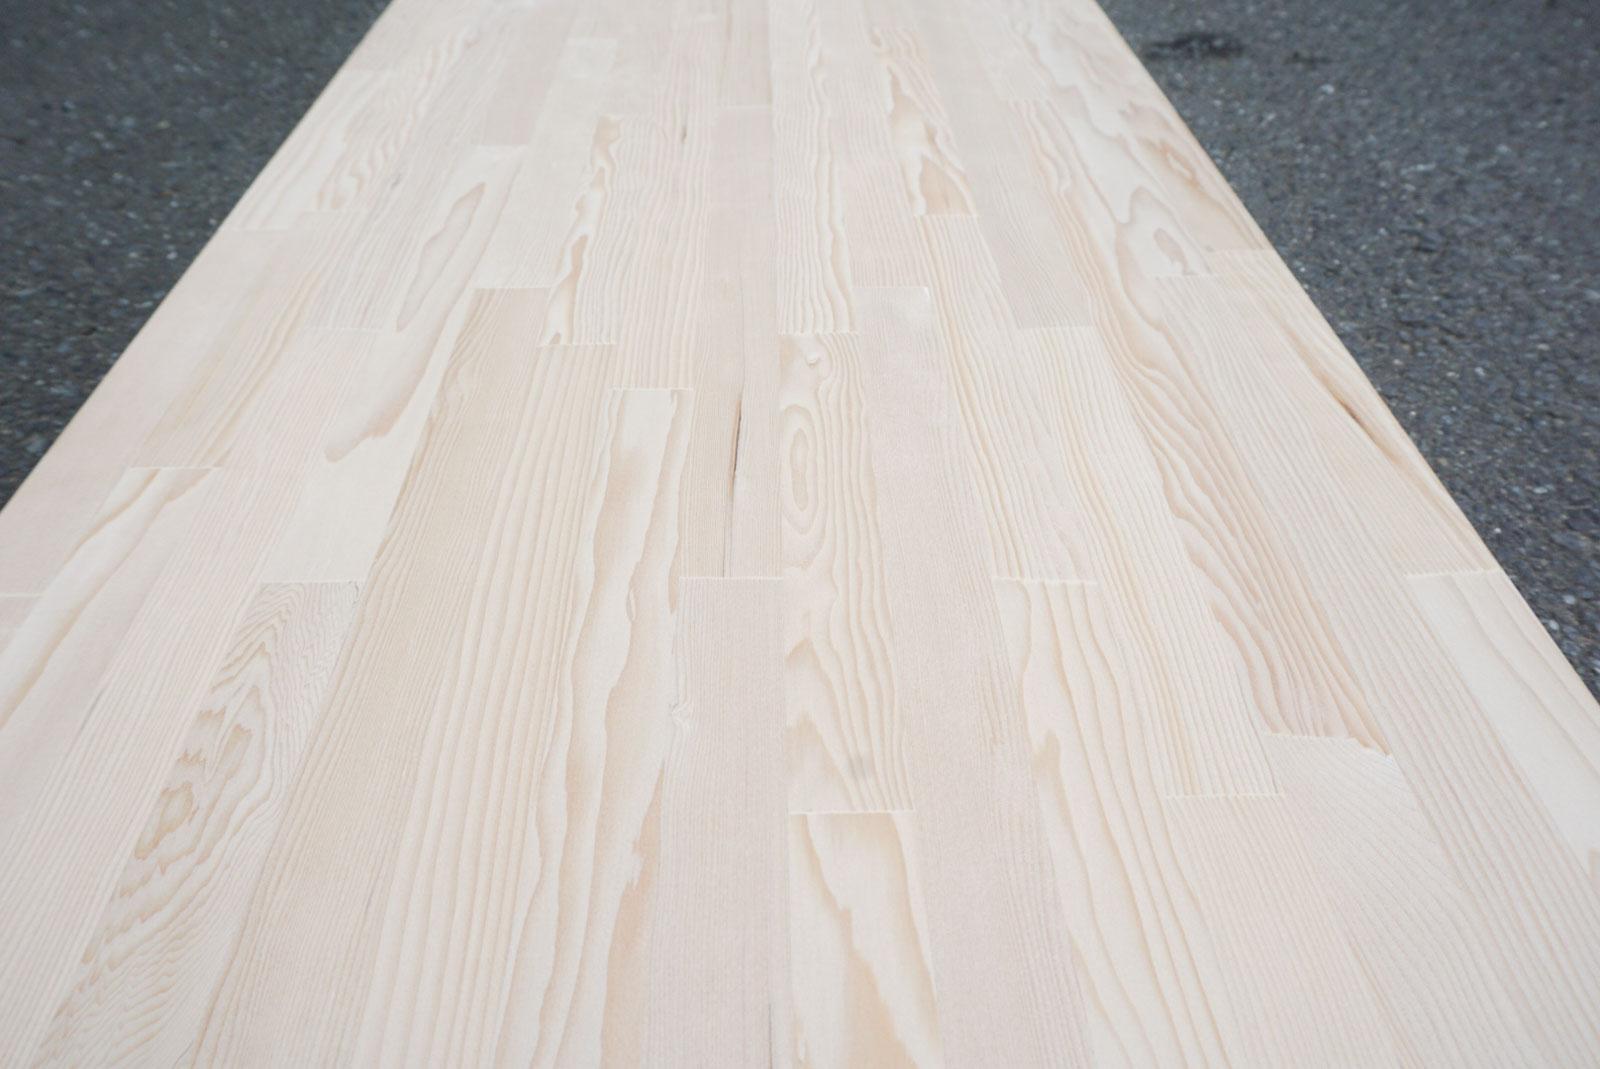 26-002 栂(ツガ) フリー板 榛名木材工業株式会社(群馬県)